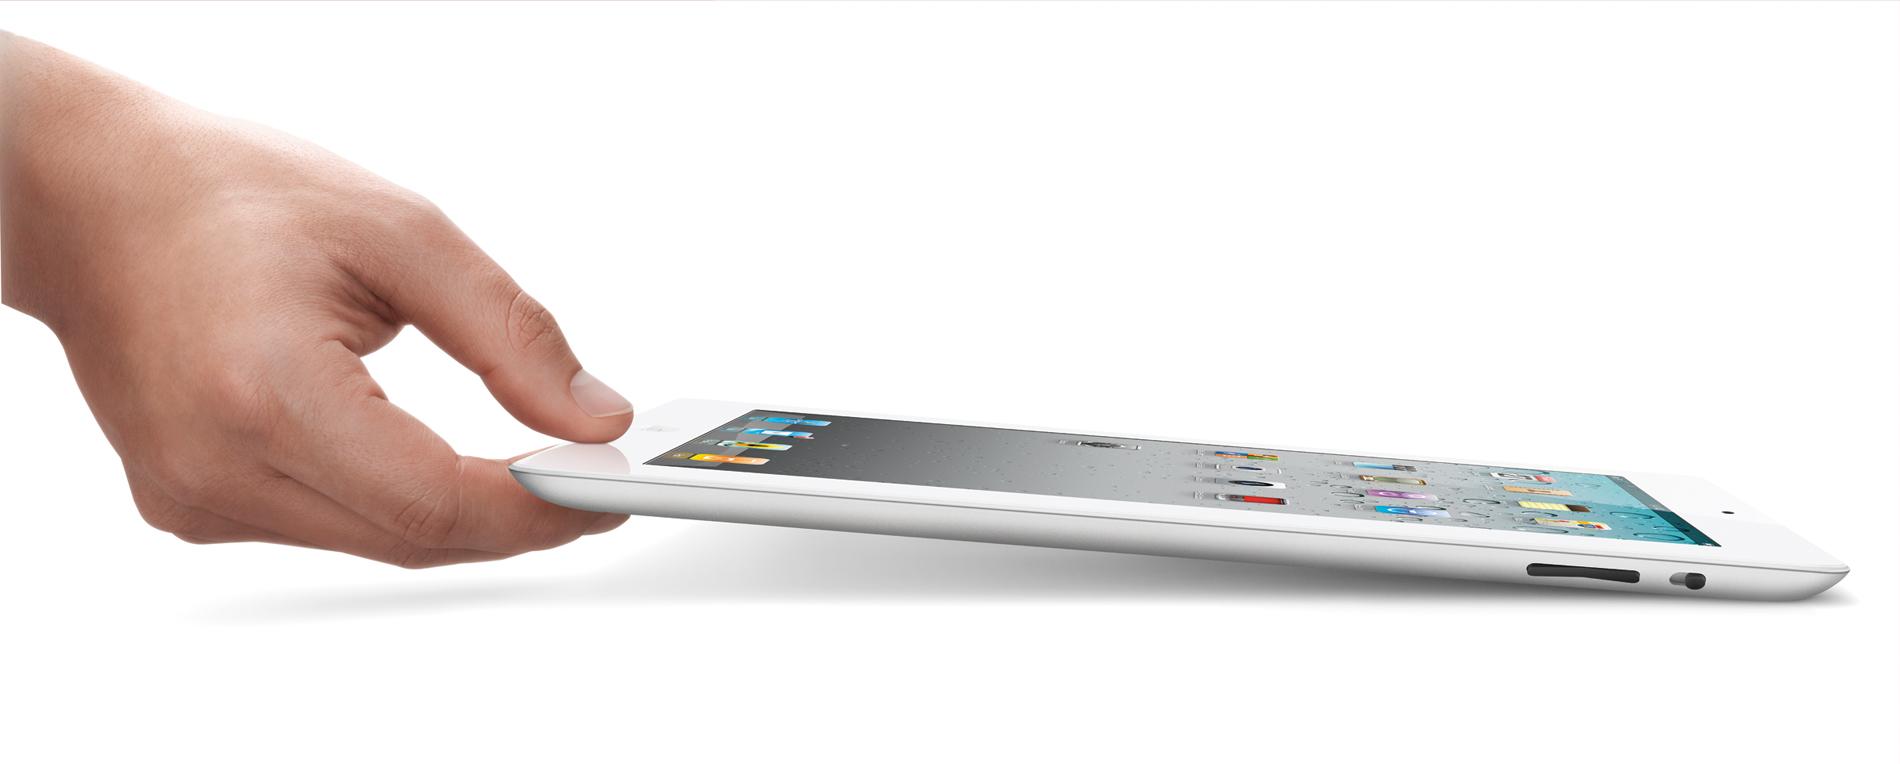 iPad 2 de lado, com mão o segurando